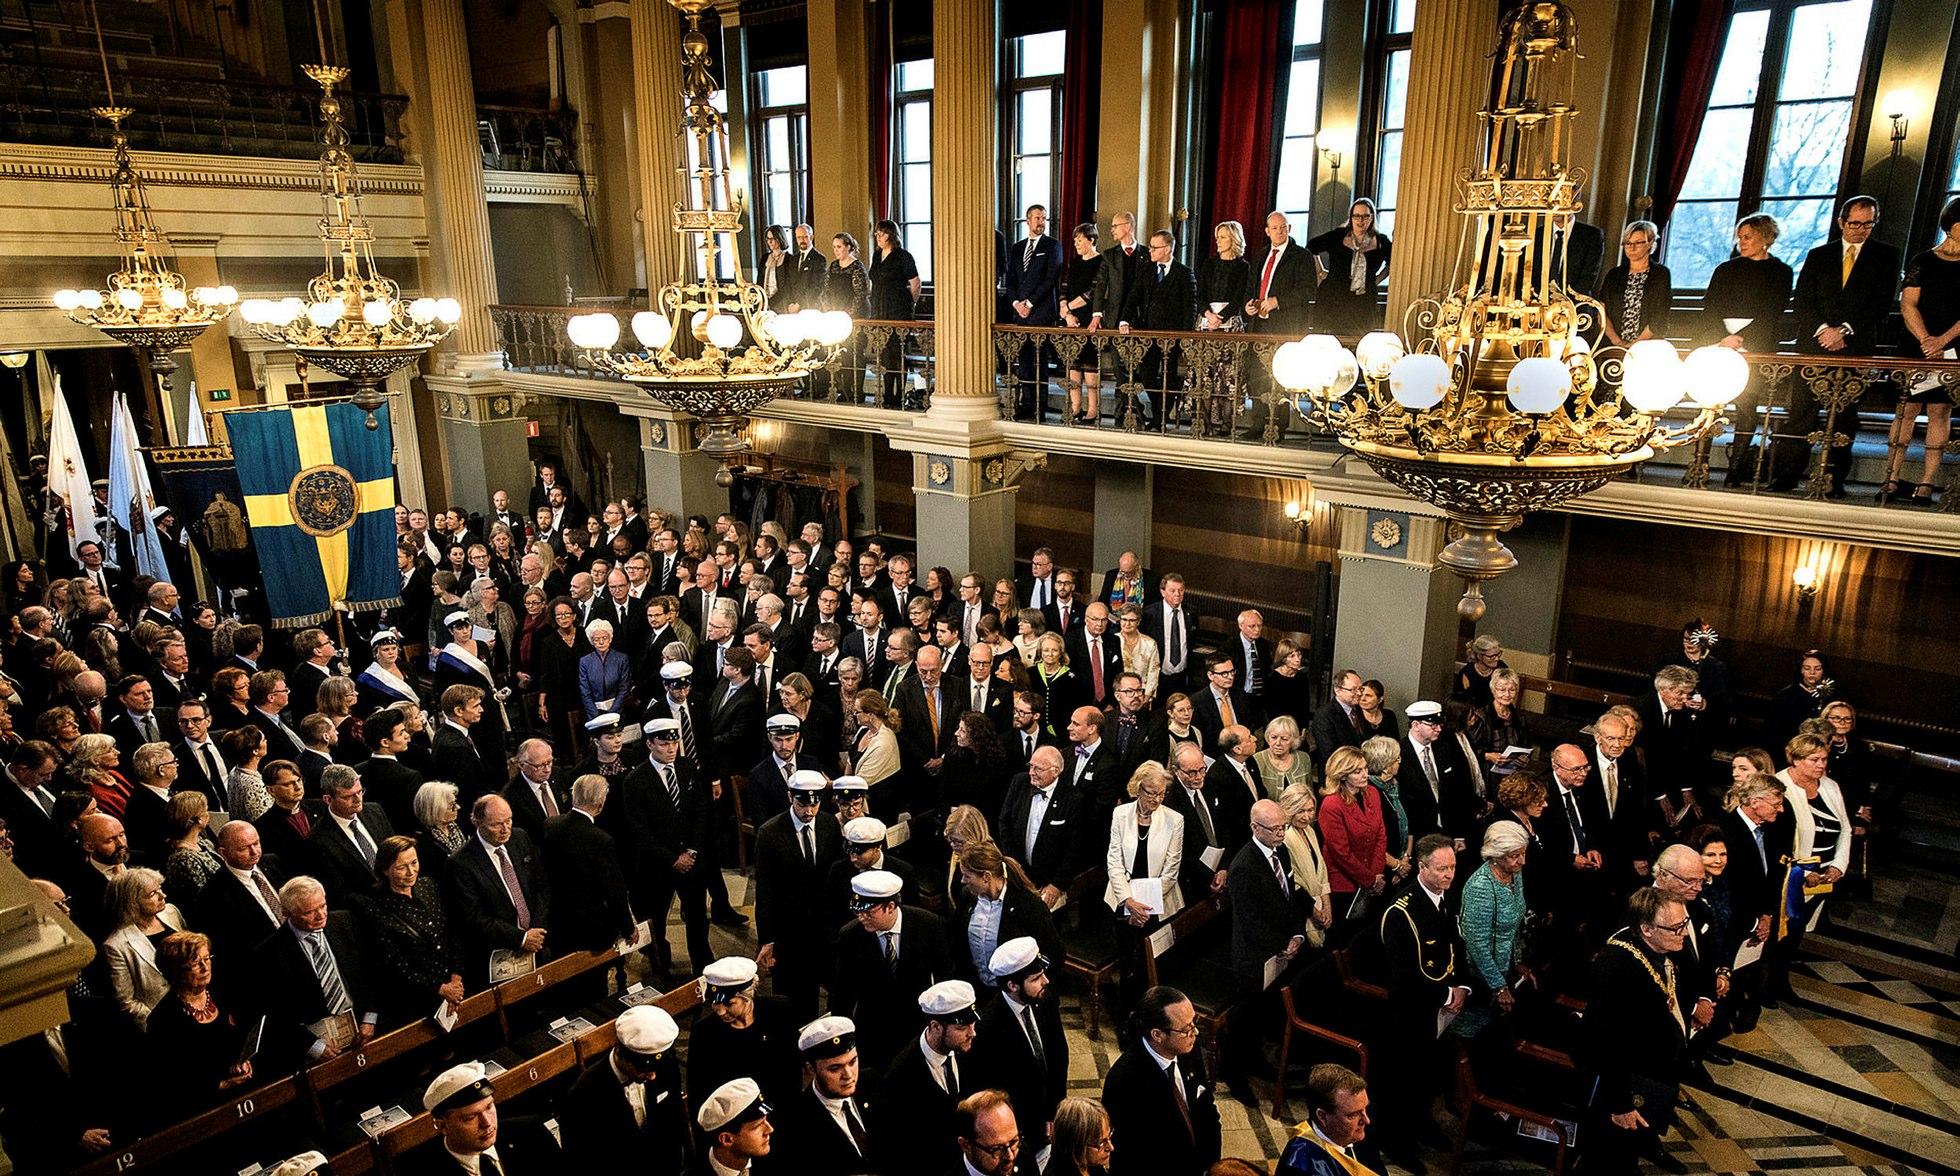 Första exemplaret av Lunds universitets jubileumsmedalj delas ut till kung Carl XVI Gustav på Carl-dagen 28 januari i Lunds Universitetshus aula där auktionen äger rum 11 februari 14.00-17.00.